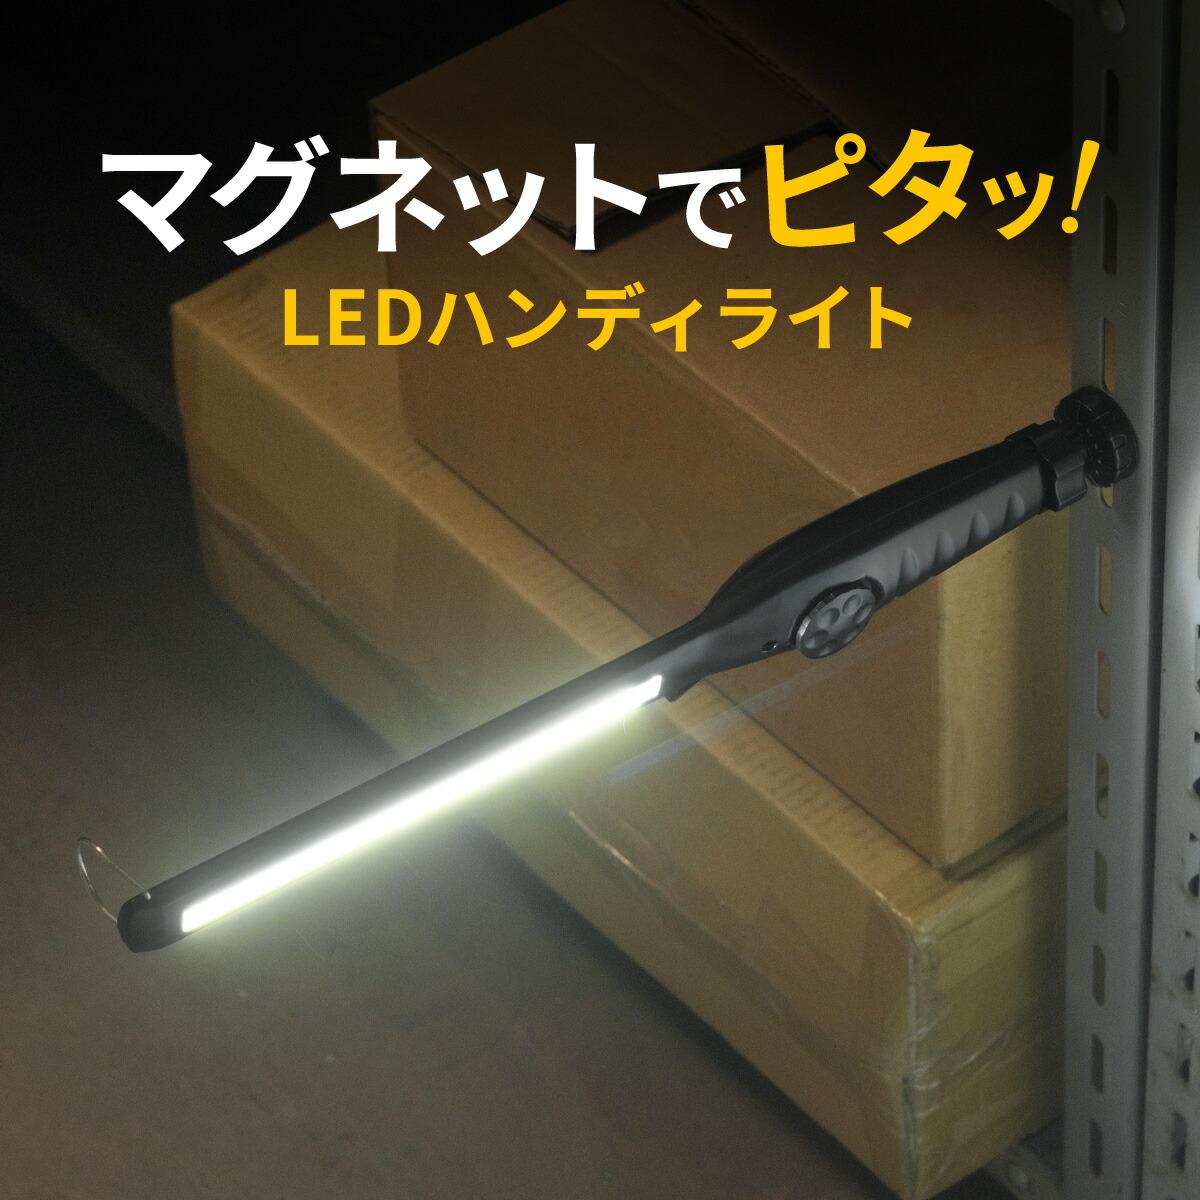 800-LED024 サンワダイレクト限定品 70%OFFアウトレット 日本メーカー新品 送料無料対象品 ハンディライト LED 作業灯 充電式 マグネット フック掛け アウトドア ワークライトLEDライト USB充電式 300ルーメン 懐中電灯 屋外 非常灯 防災